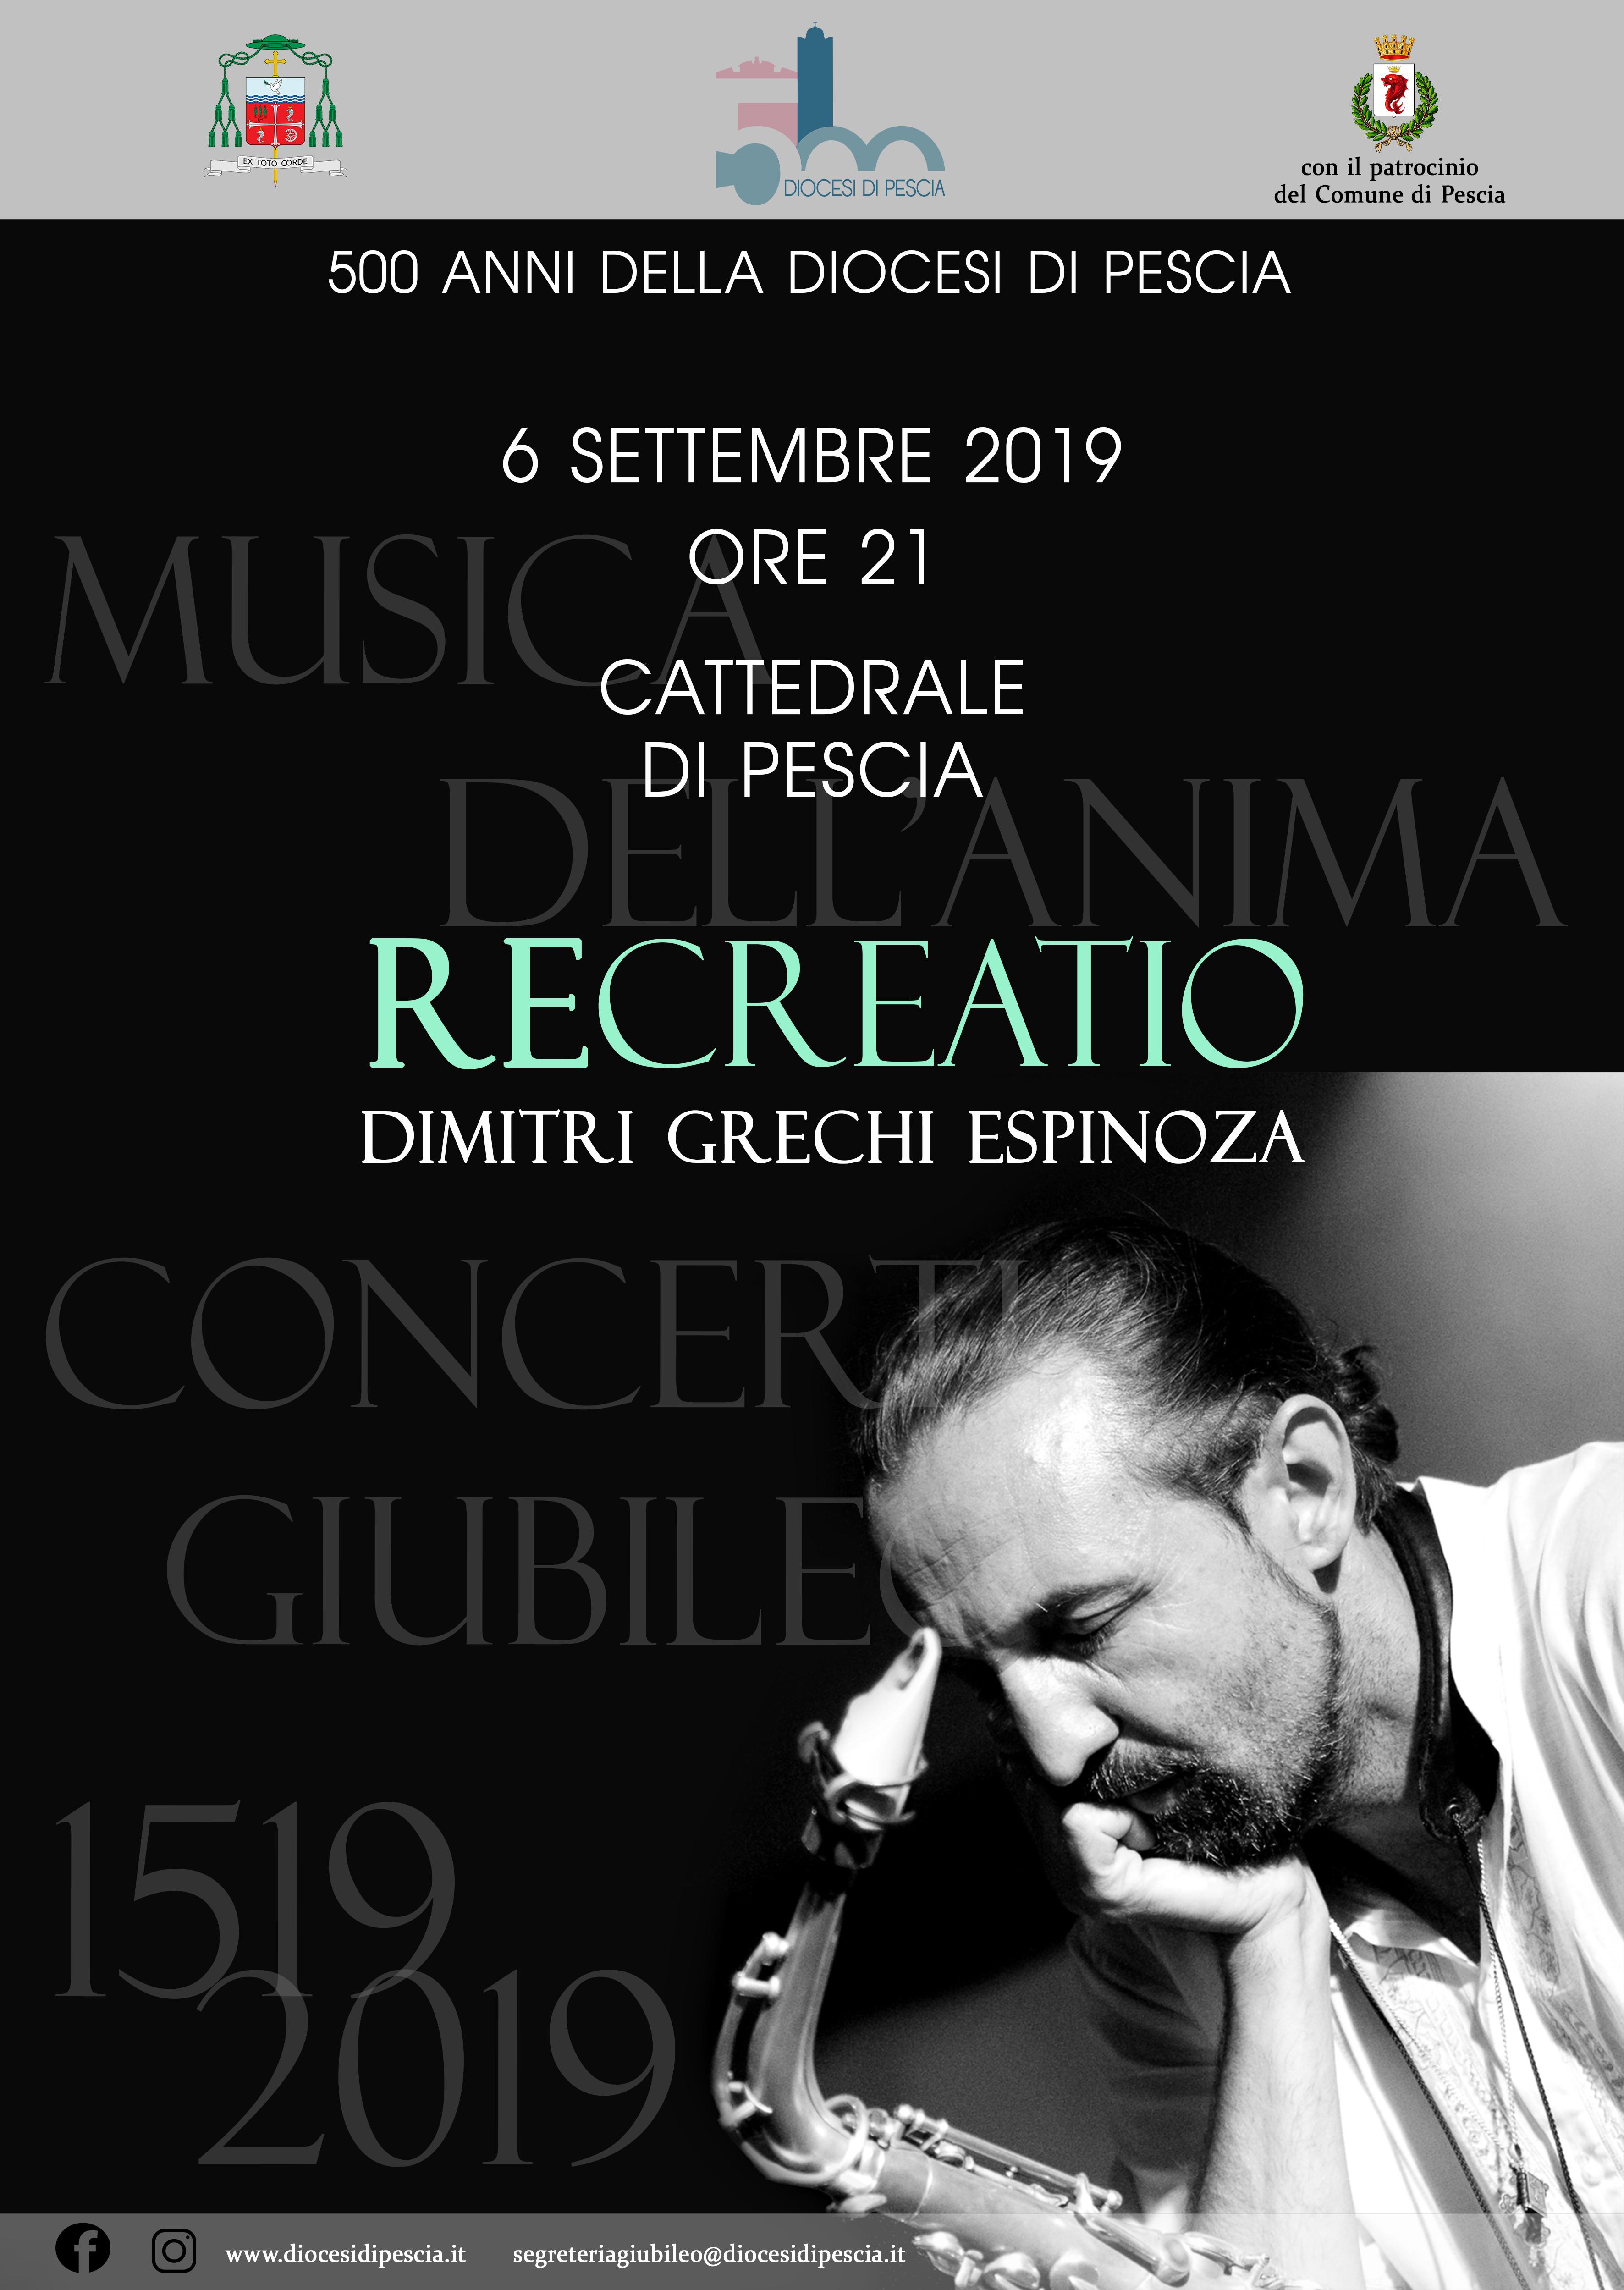 dimitri espinoza recreatio concerto giubileo cattedrale pescia